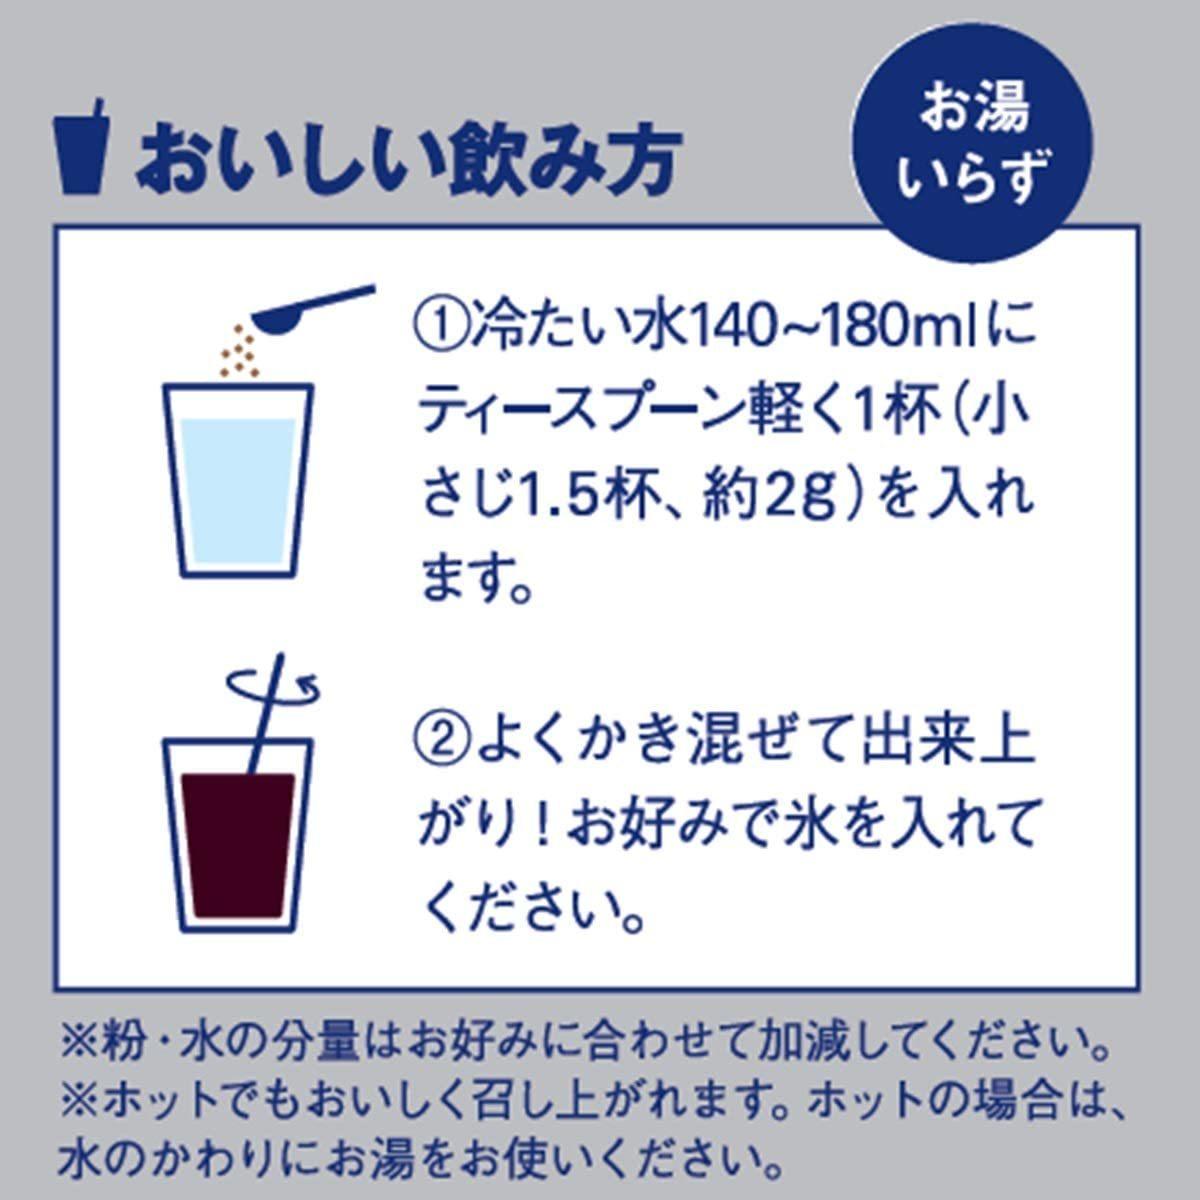 【即決 送料無料】135gx5袋 冷たい水でつくる アイスコーヒー ちょっと贅沢な 珈琲店 コーヒー店 AGF インスタント 作る ブラック